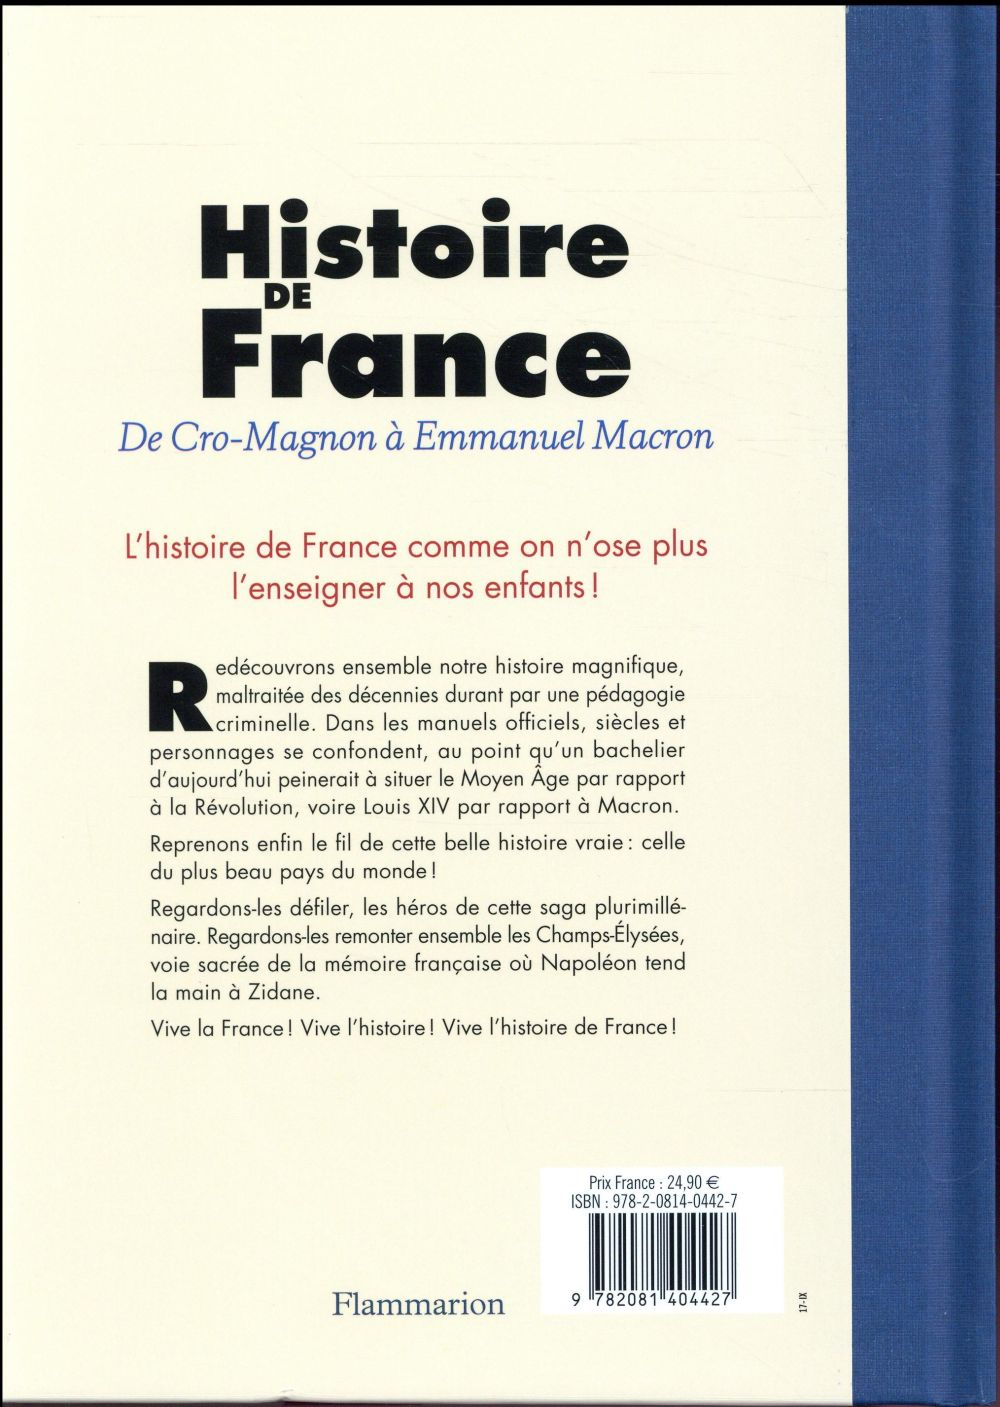 Histoire de France de Cro-Magnon à Emmanuel Macron